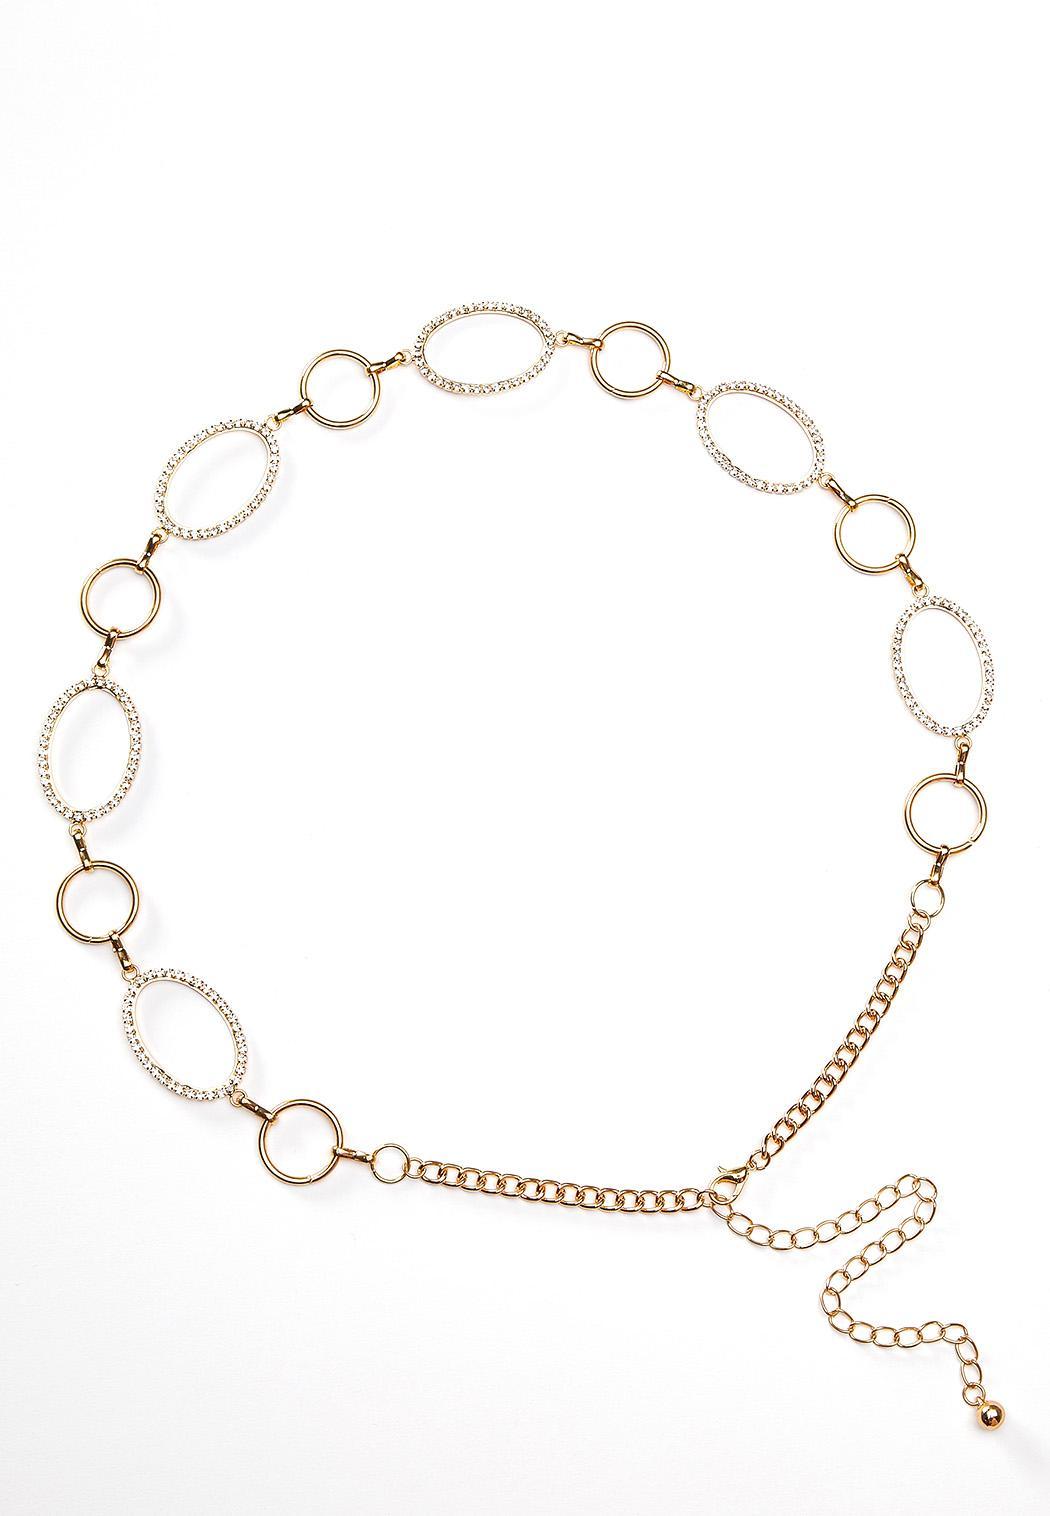 Oval Rhinestone Chain Belt